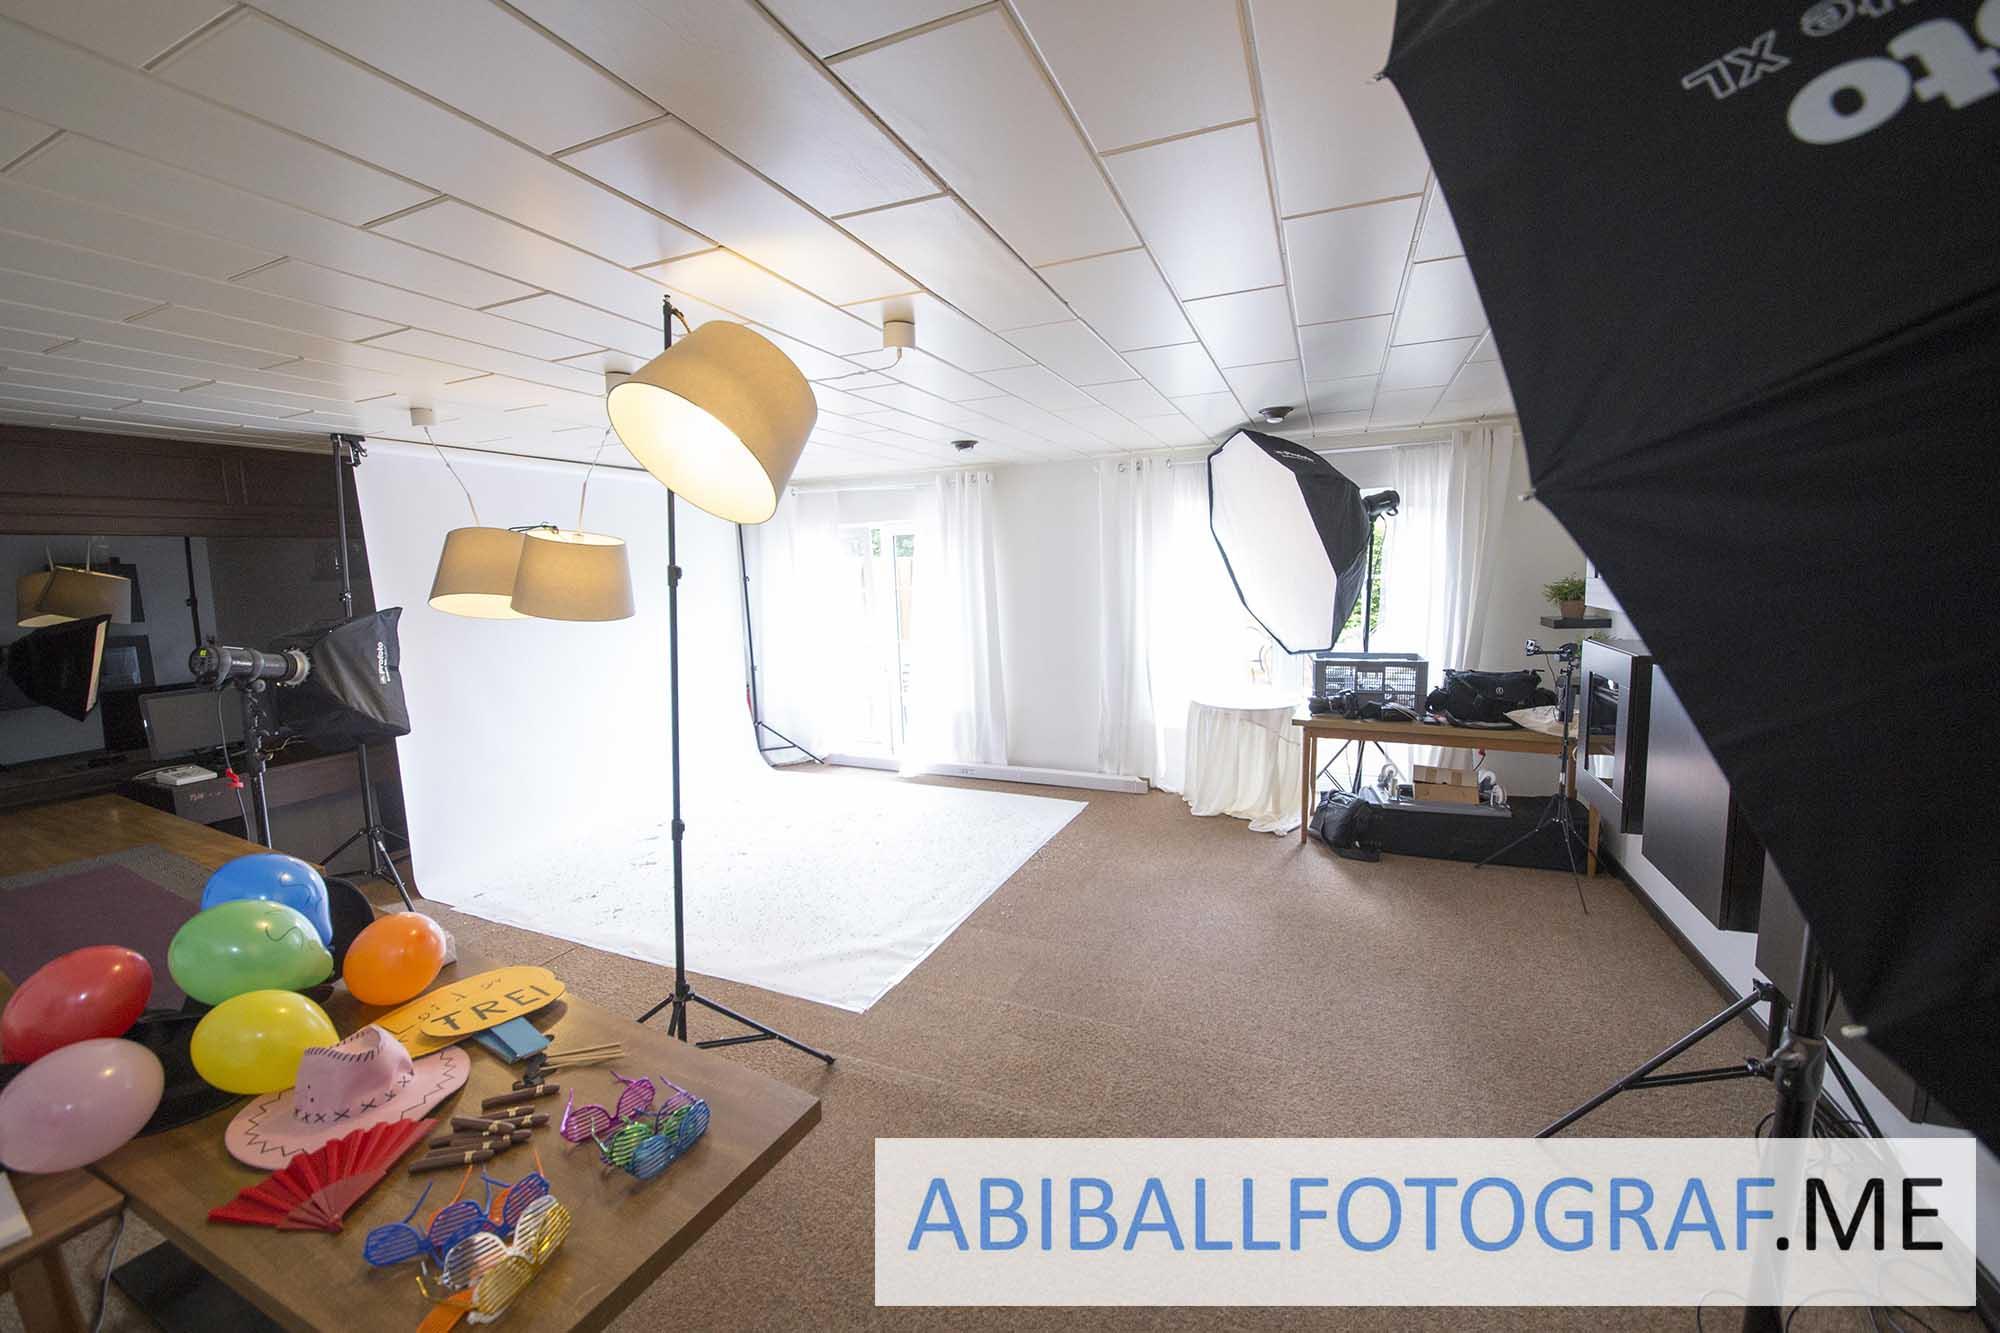 Abiball Fotograf Mobiles Fotostudio